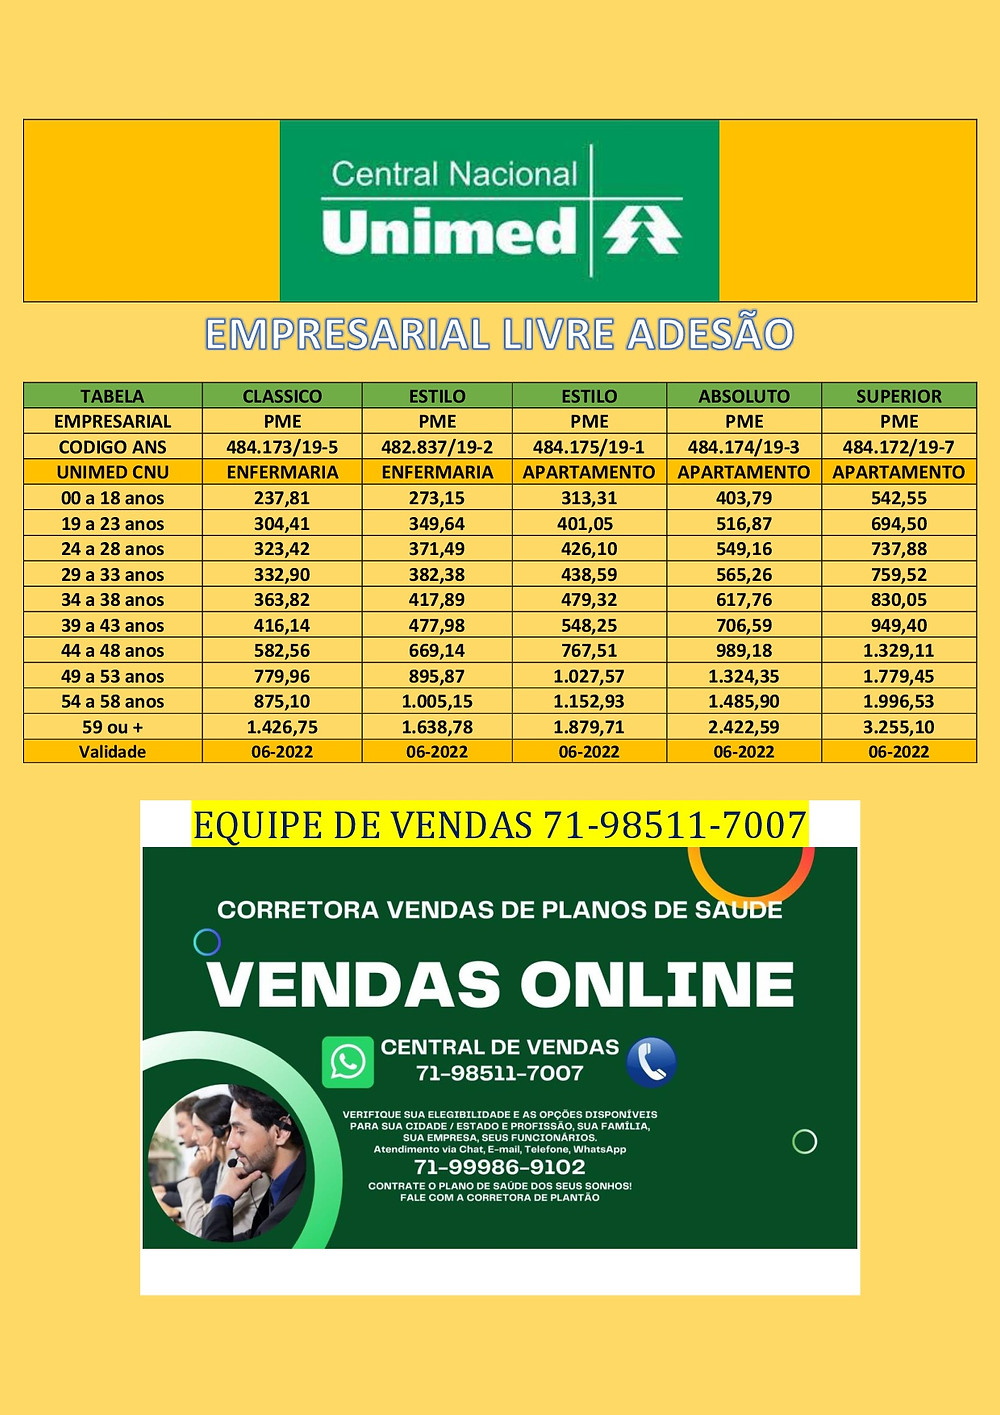 tabela de preços plano unimed empresarial